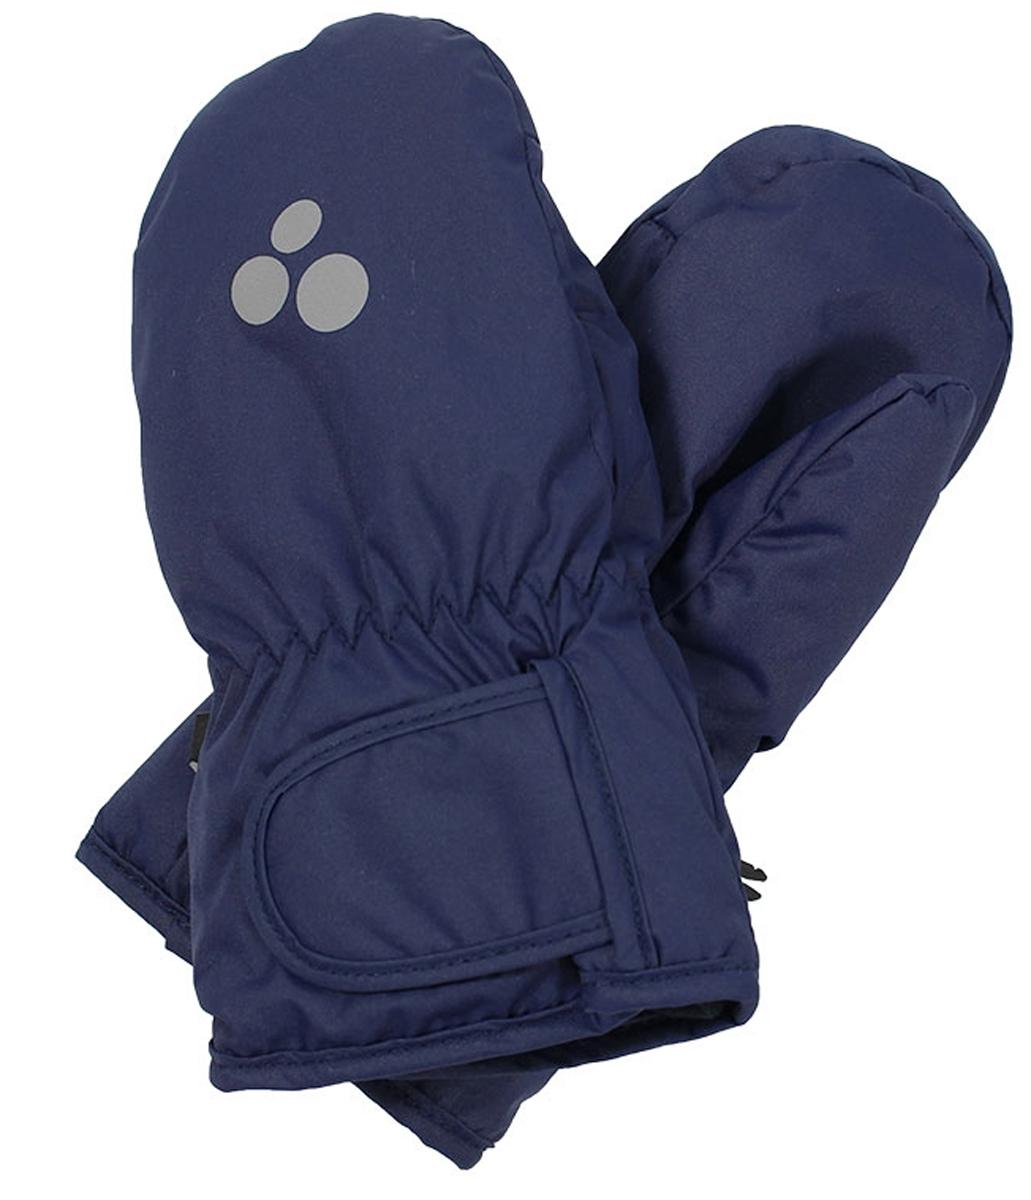 Варежки детские Huppa Liina, цвет: темно-синий. 8104BASE-60086. Размер 48104BASE-60086Детские варежки Huppa Liina, изготовленные из высококачественного полиэстера, станут идеальным вариантом, для холодной зимней погоды. Первоклассный мембранный материал и теплая мягкая флисовая подкладка, а также наполнитель из синтепона надежно сохранят тепло и не дадут ручкам вашего малыша замерзнуть.Варежки дополнены удлиненными манжетами, которые помогут предотвратить попадание снега и влаги. На запястьях варежки собраны на эластичные резинки, что обеспечивает комфортную и надежную посадку. Изделие дополнено хлястиками на липучках, которые позволяют регулировать обхват манжет. С внешней стороны варежки оформлены светоотражающим принтом.Теплые, удобные и стильные варежки будут незаменимы для зимних прогулок и надежно защитят ручки малыша от холода и ветра.Водонепроницаемость: 5000 мм. Воздухопроницаемость: 5000 г/м2.